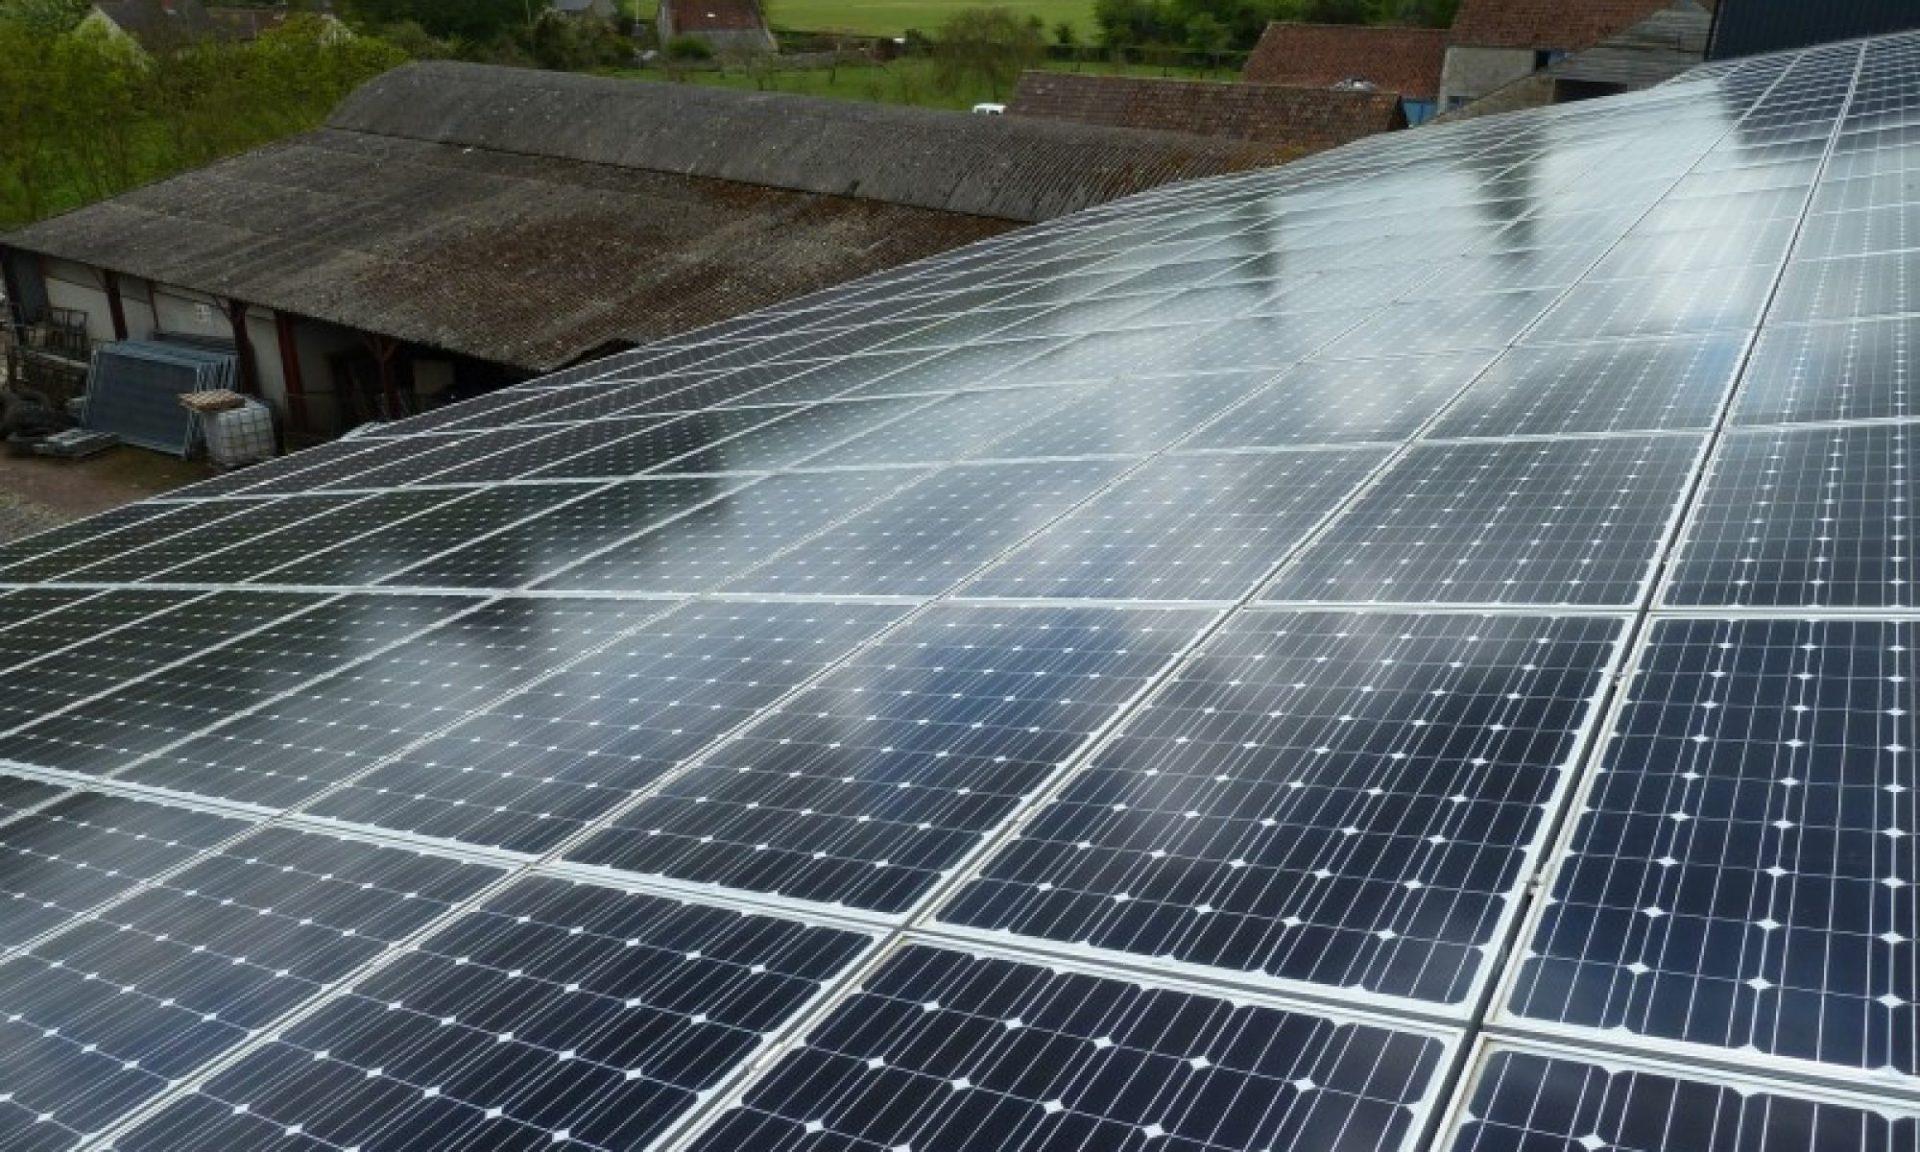 Bâtiment photovoltaïque gratuit